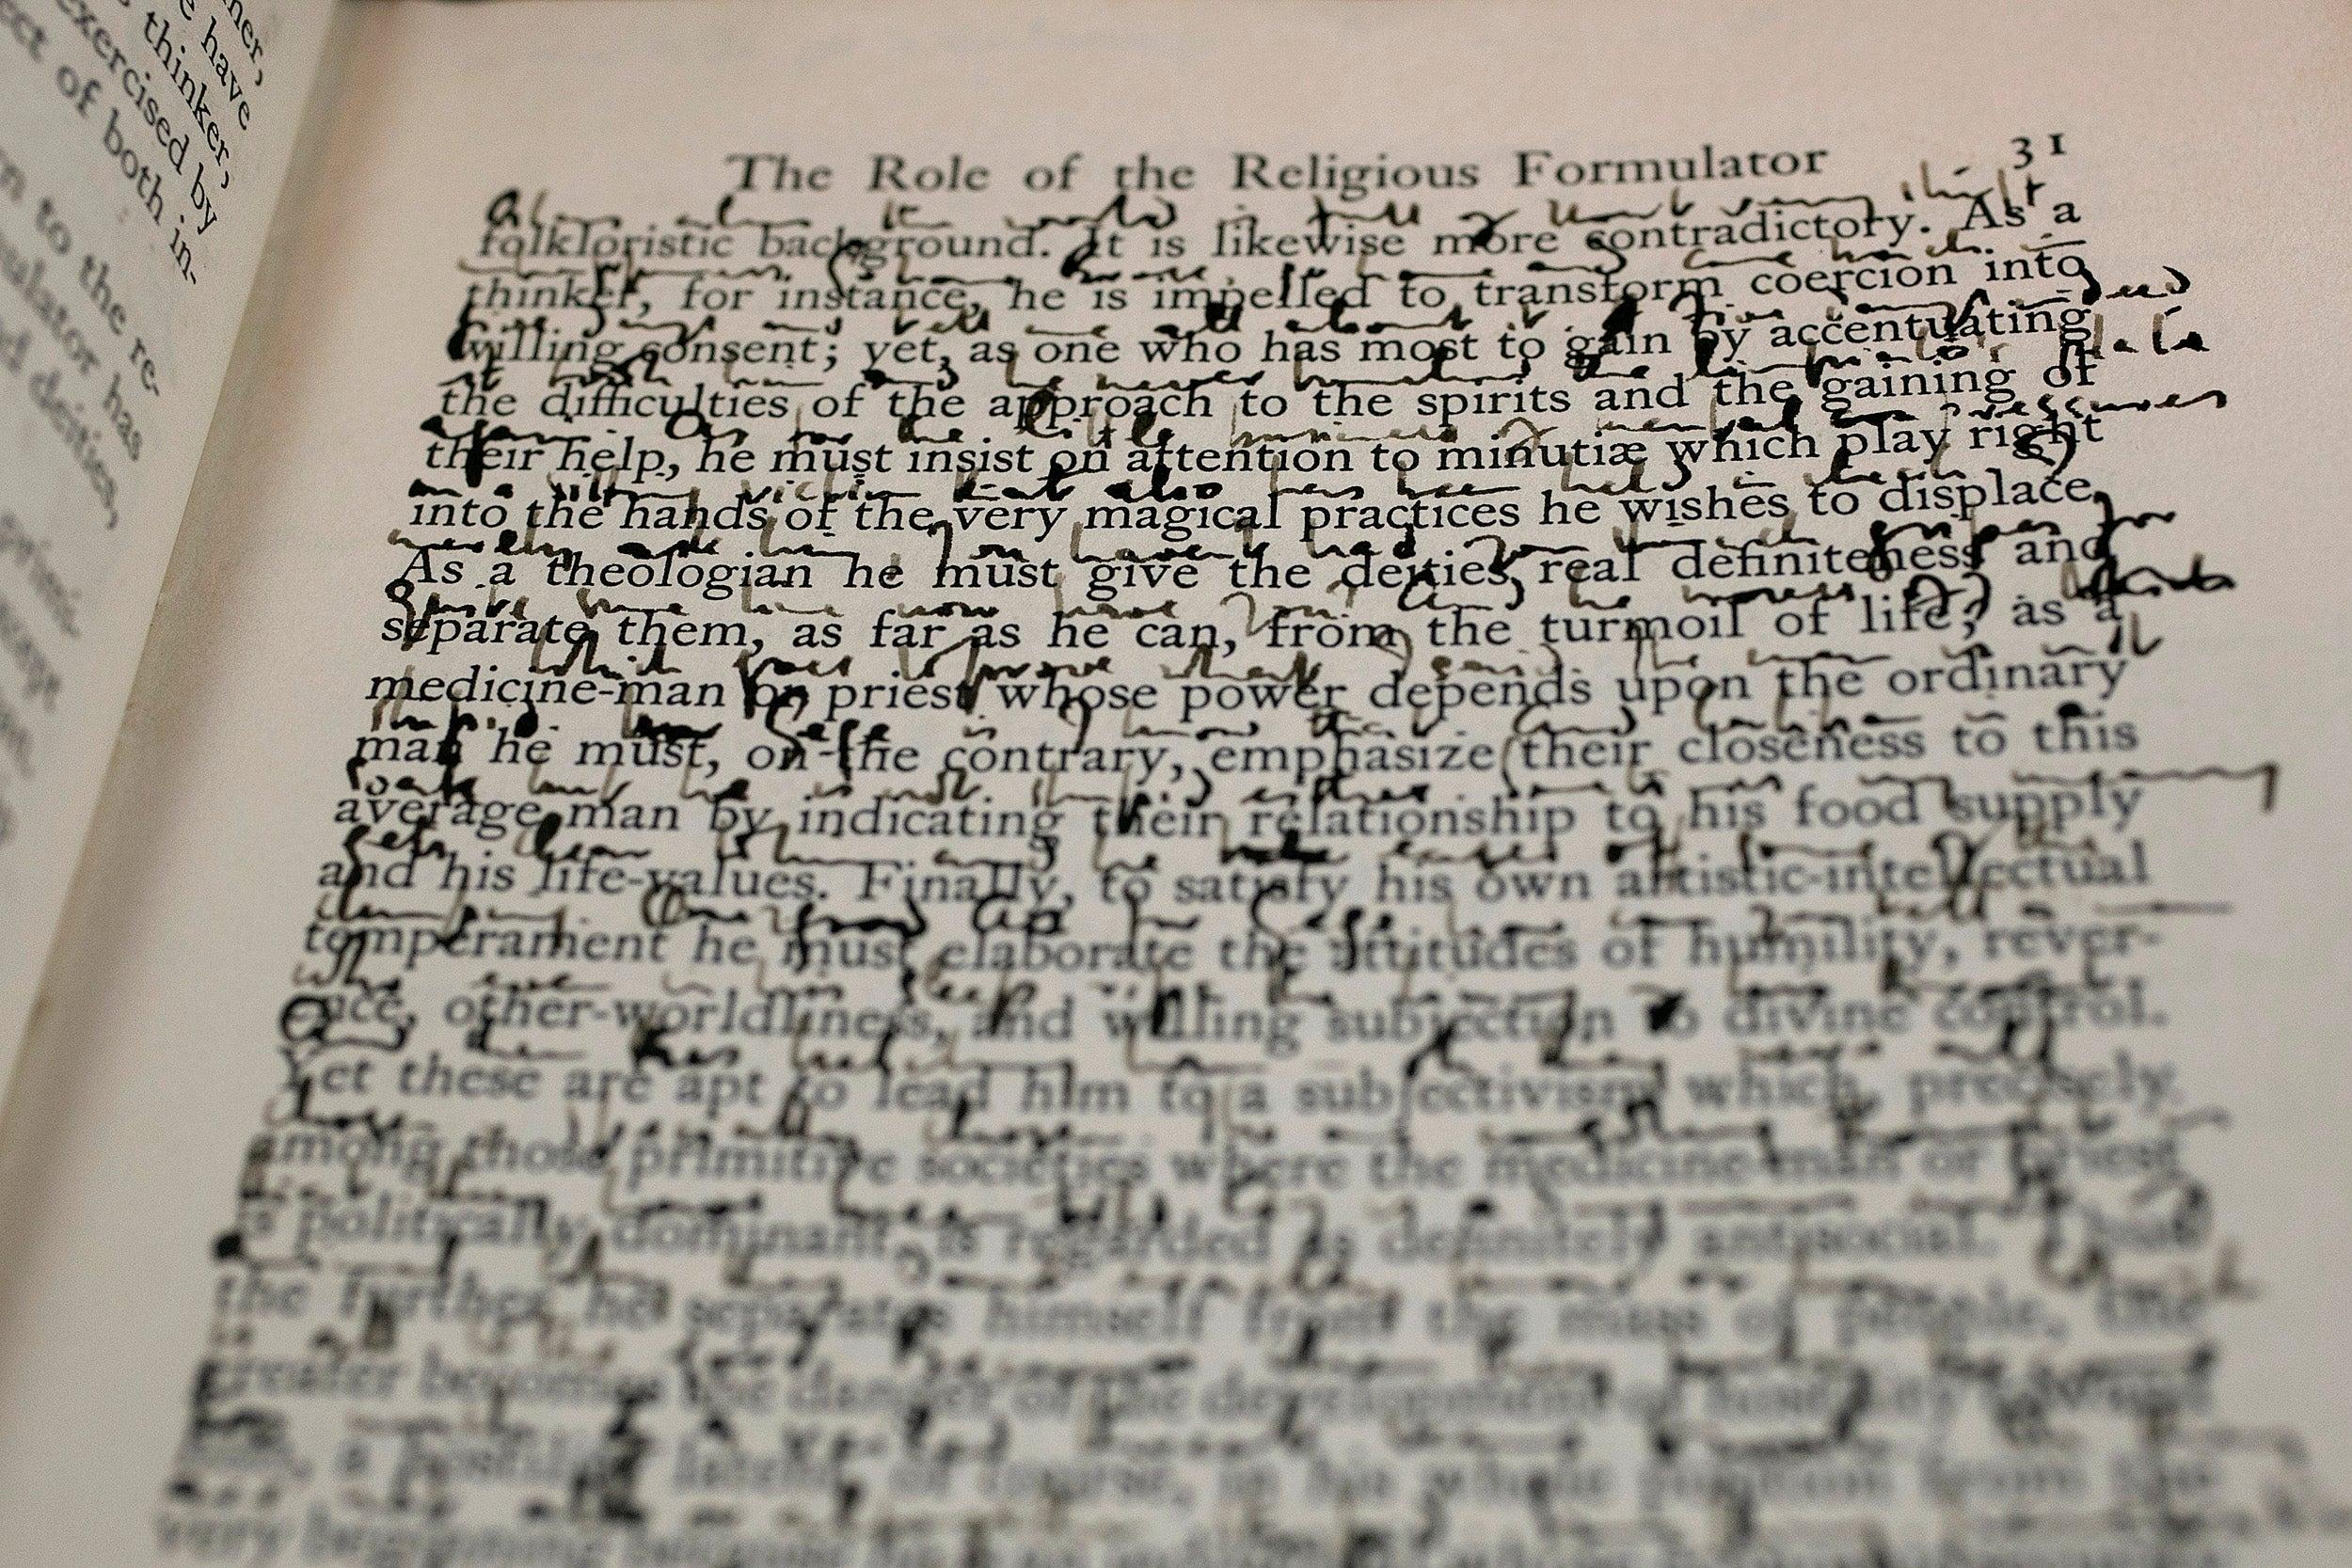 Wole Soyinka's prison writings.